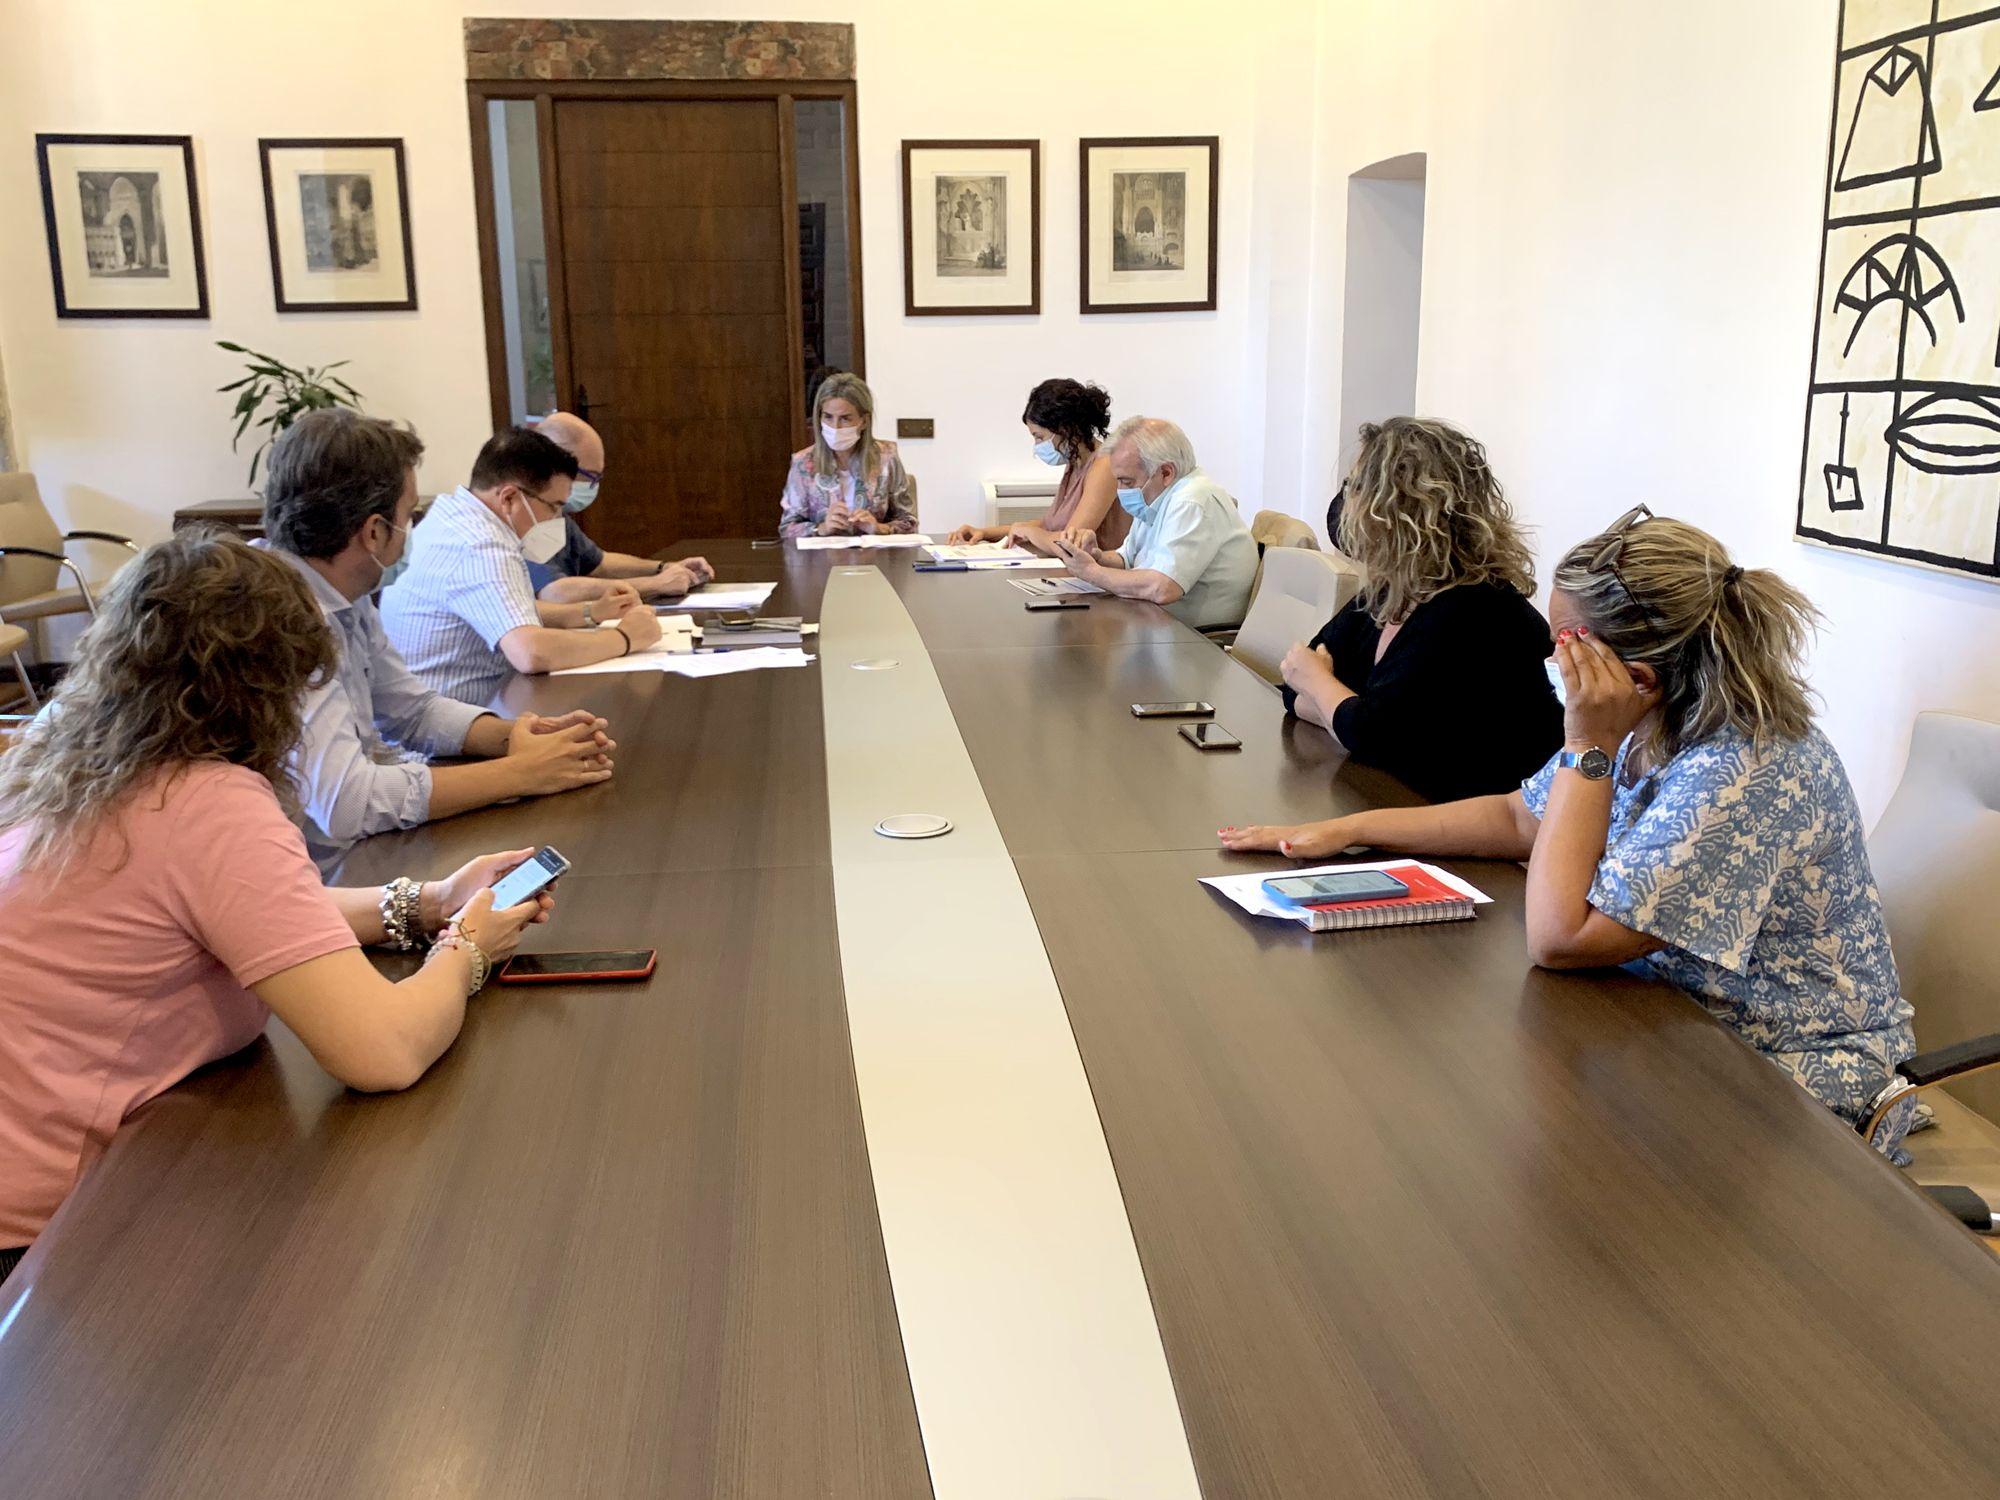 La Junta de Gobierno aprueba los conciertos de Fangoria, Hombres G y Sidecars para la Feria y Fiestas de Agosto